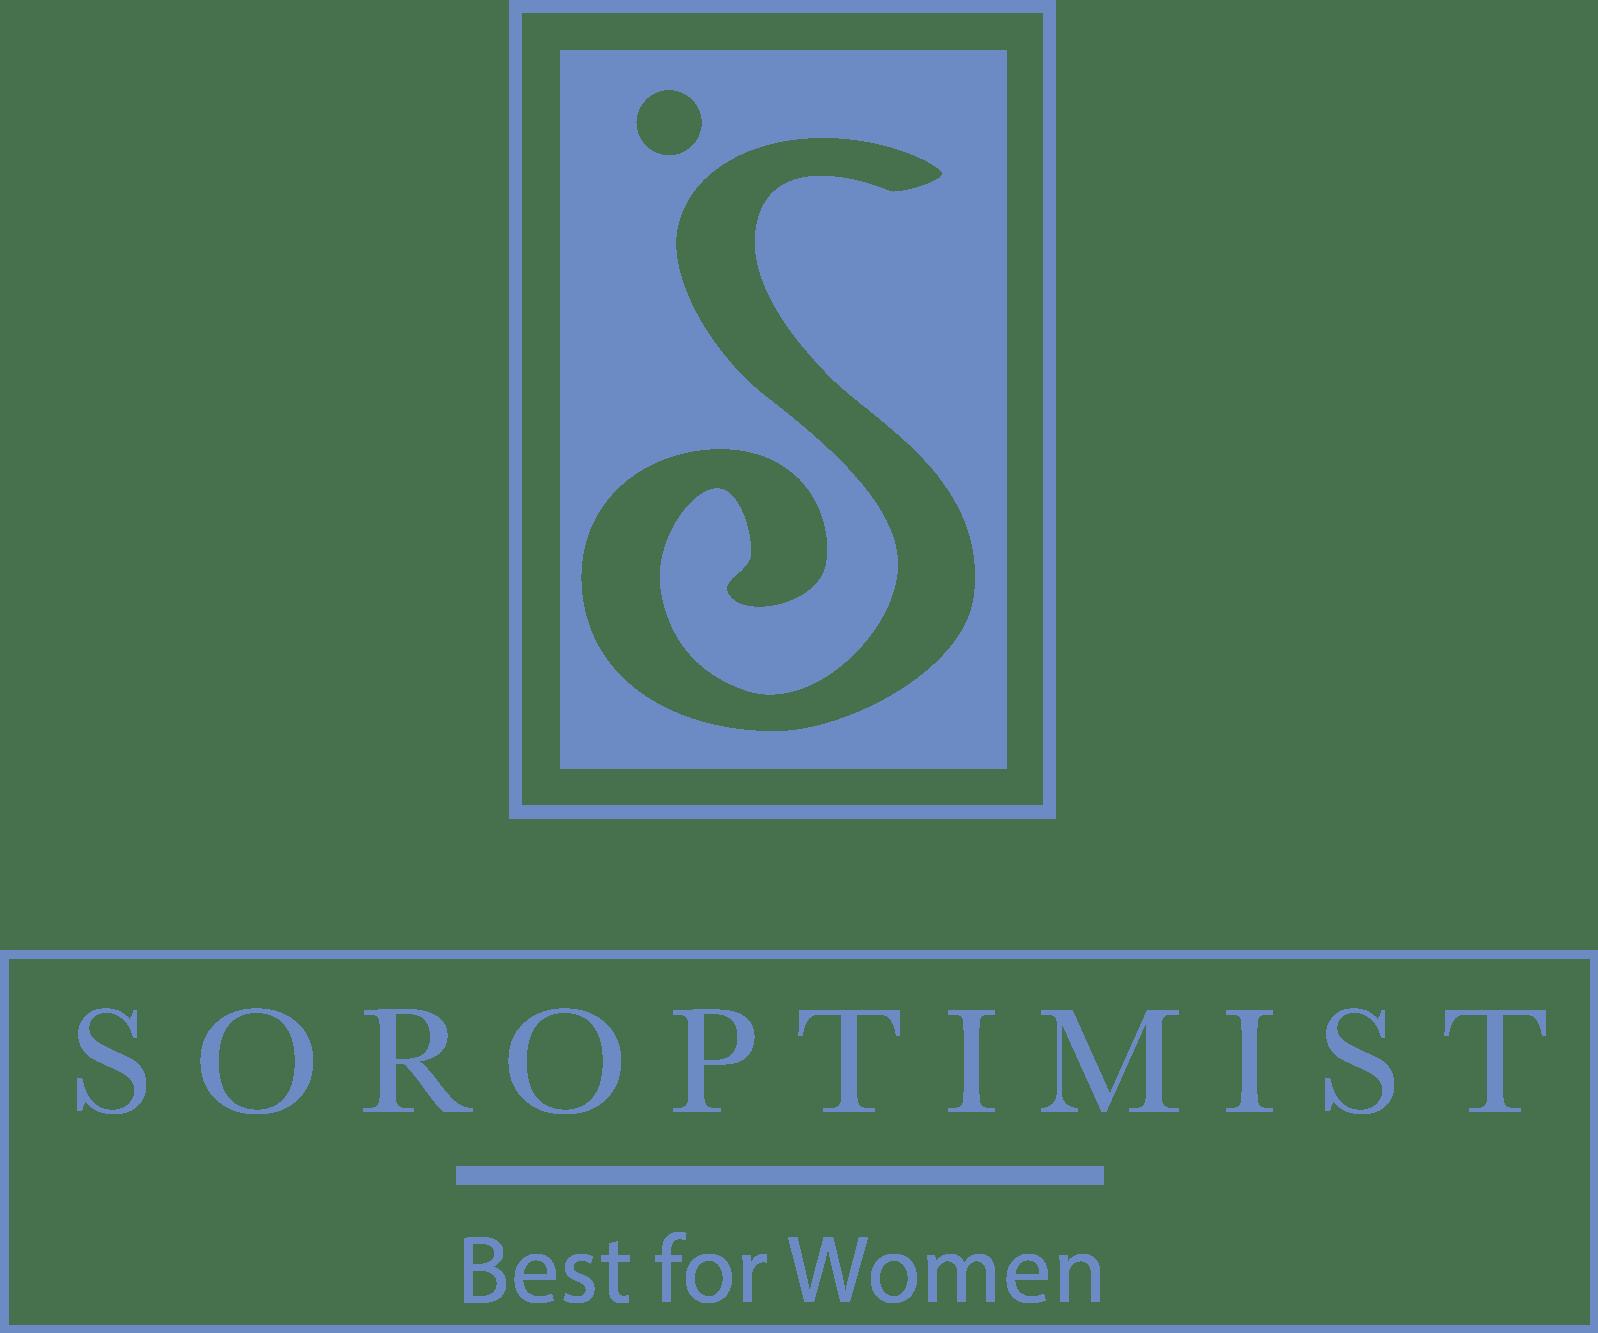 Whittier Soroptimist